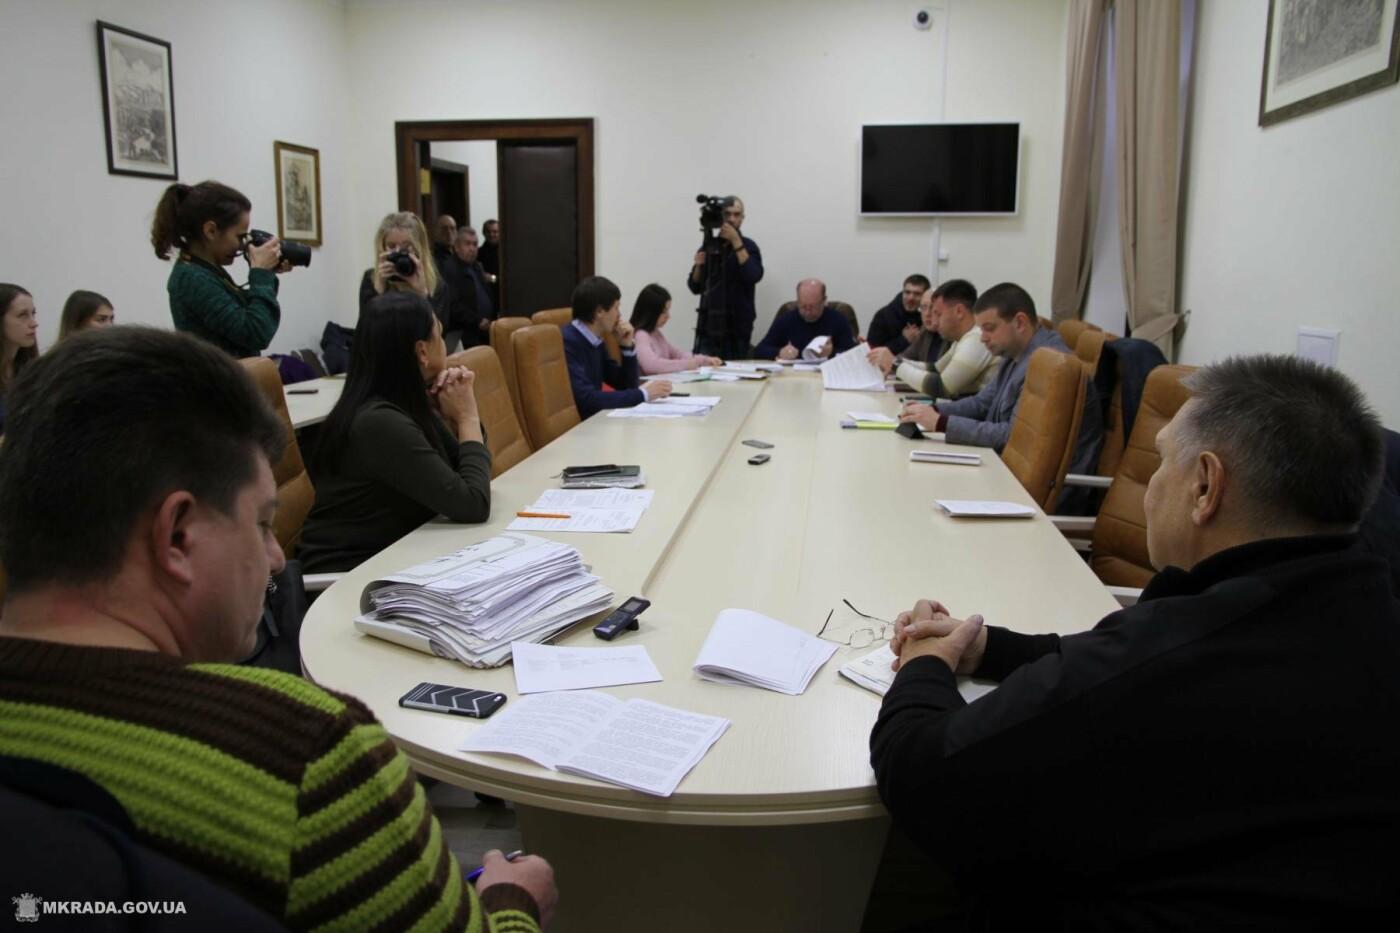 В Николаеве комиссия изучит вопрос установления индивидуальных котельных в многоквартирных домах , фото-2